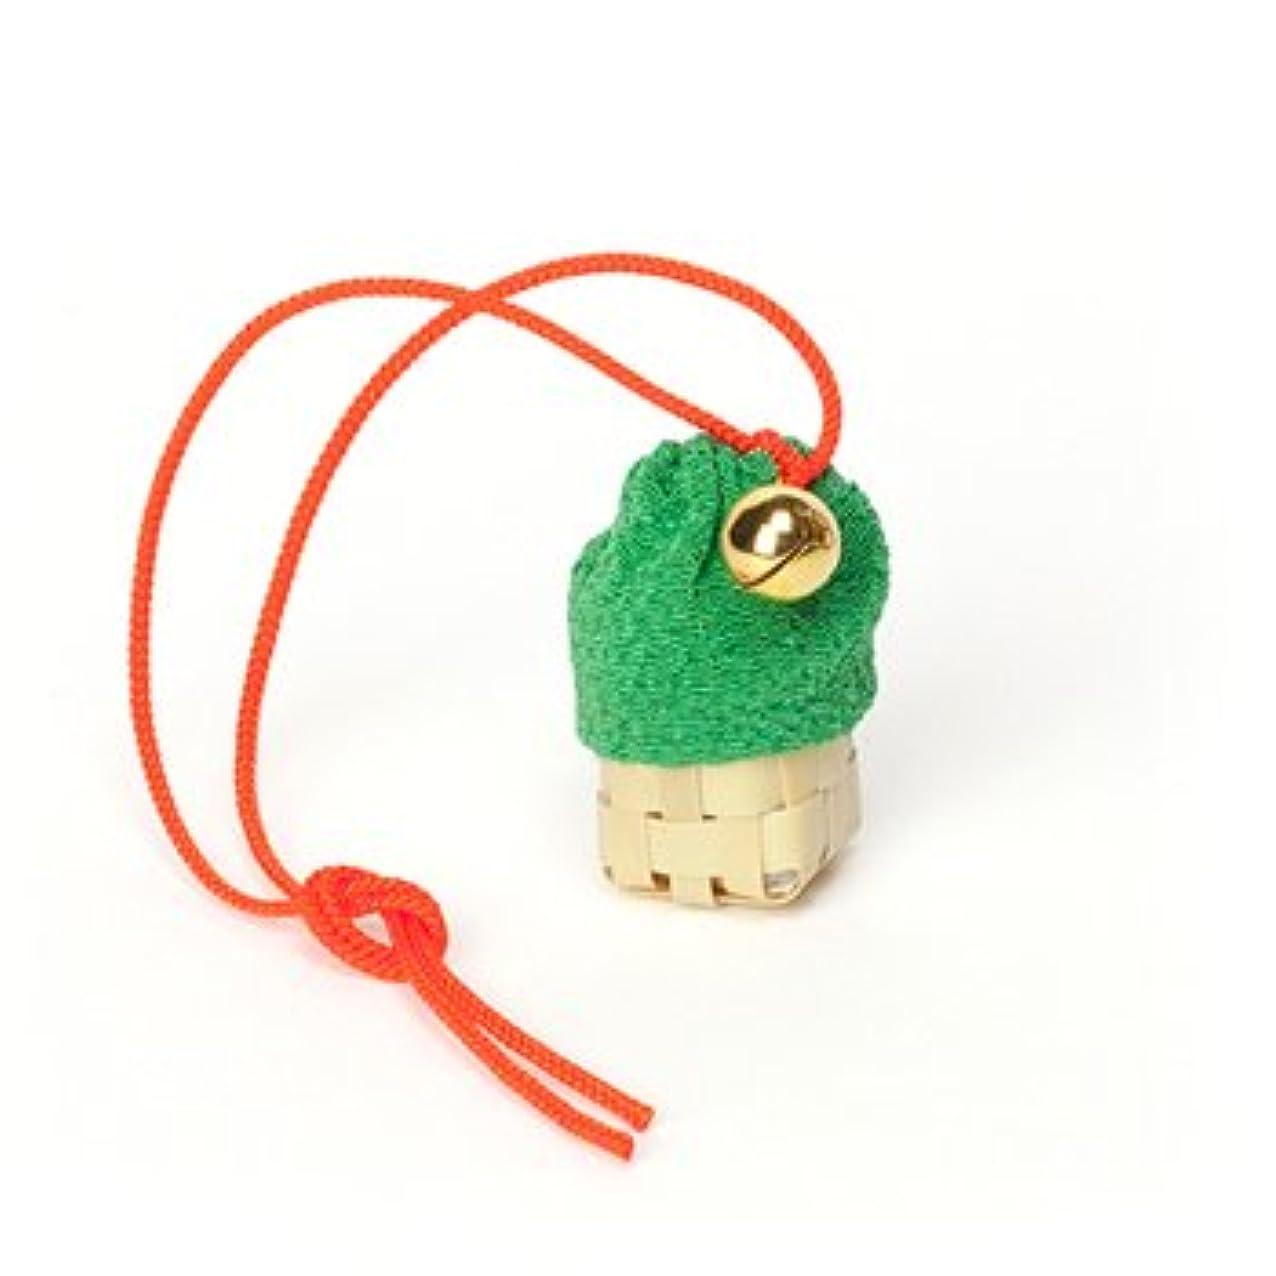 不名誉な夜の動物園かる松栄堂 匂い袋 携帯用 ミニ籠 1個入 ケースなし (色をお選びください) (緑)